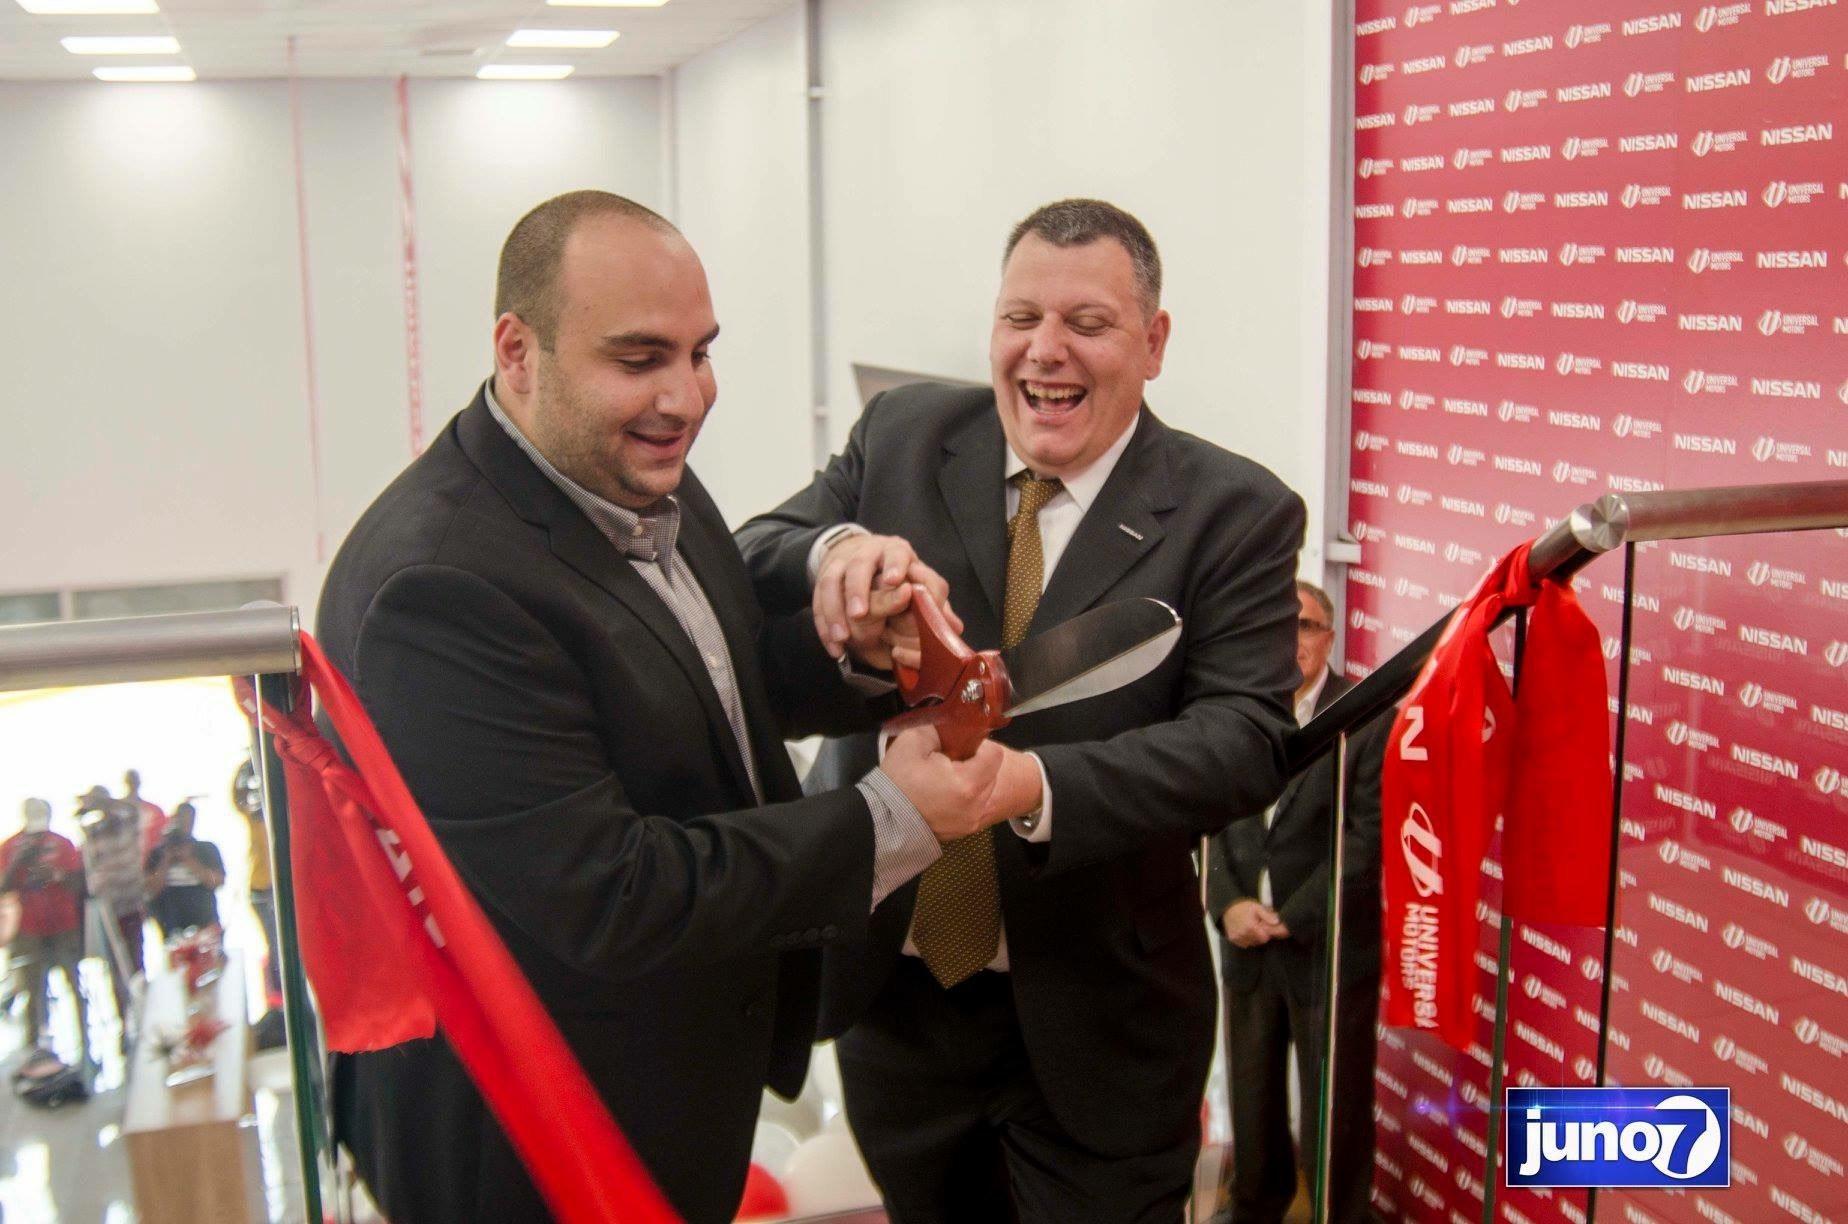 La Nissan Universal Motors inaugure le plus grand showroom de la caraïbe et de l'Amérique latine 55